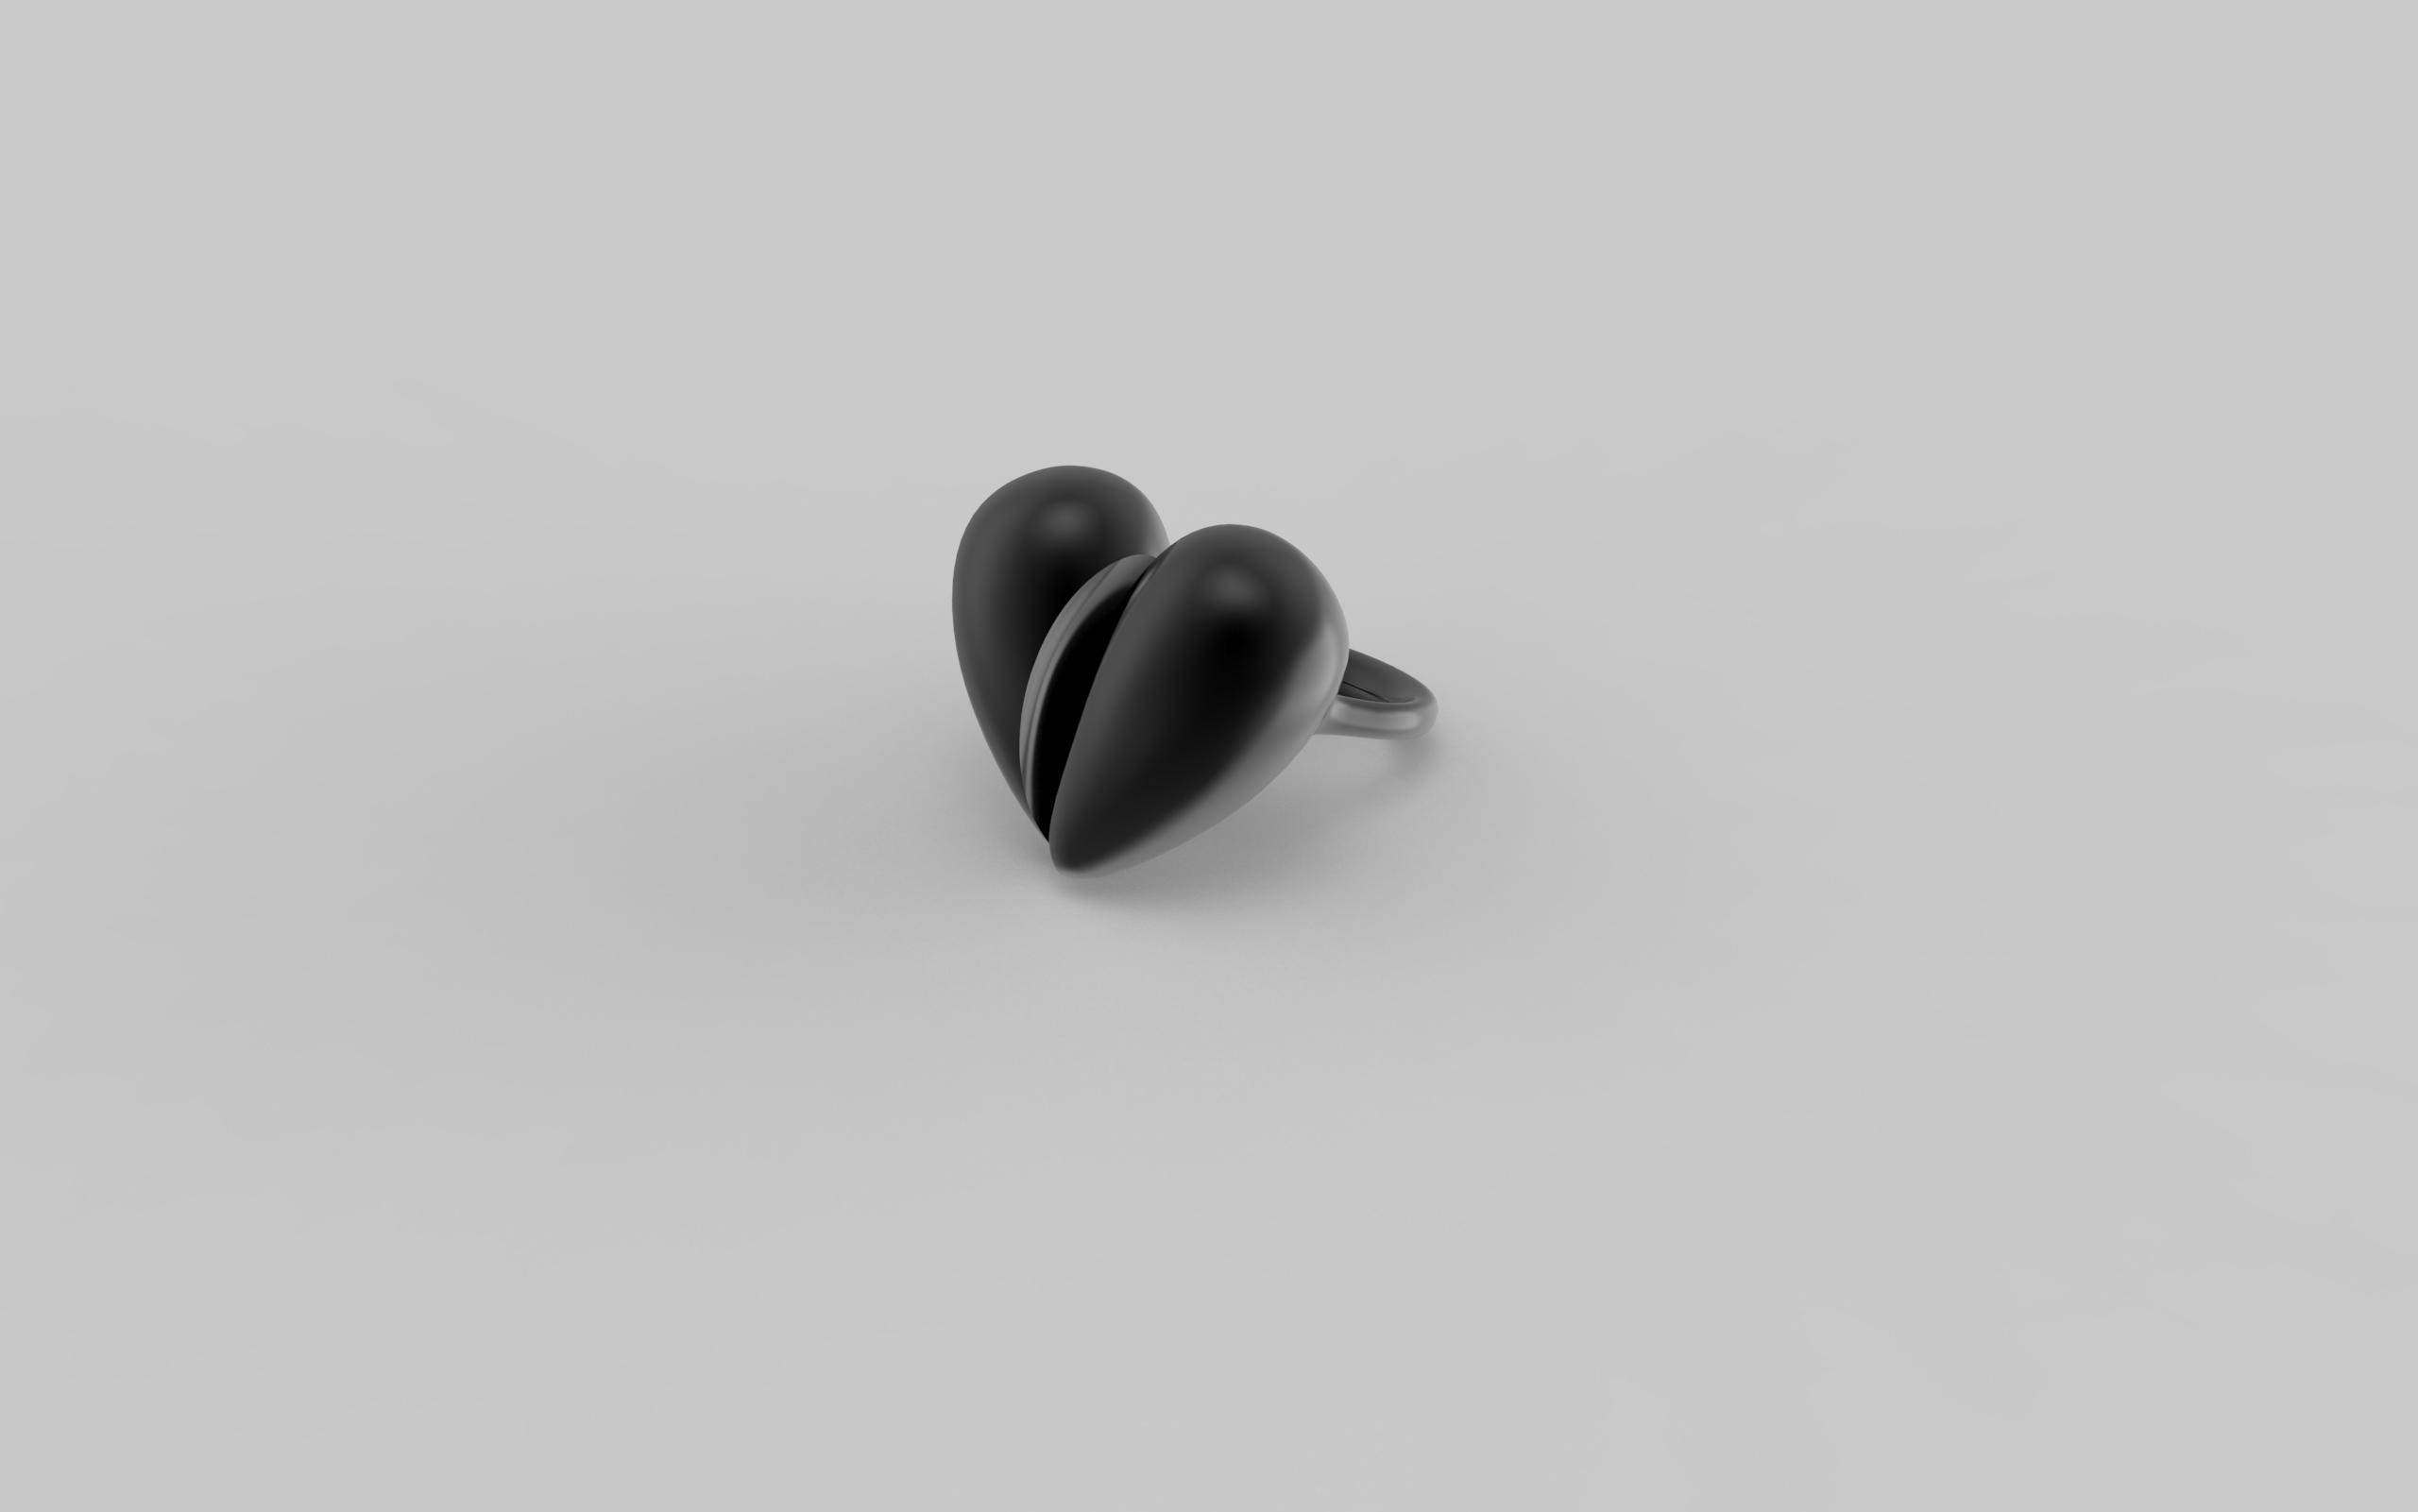 Black Love Ring in Oxidised Silver. Image, Courtesy of J Rabun